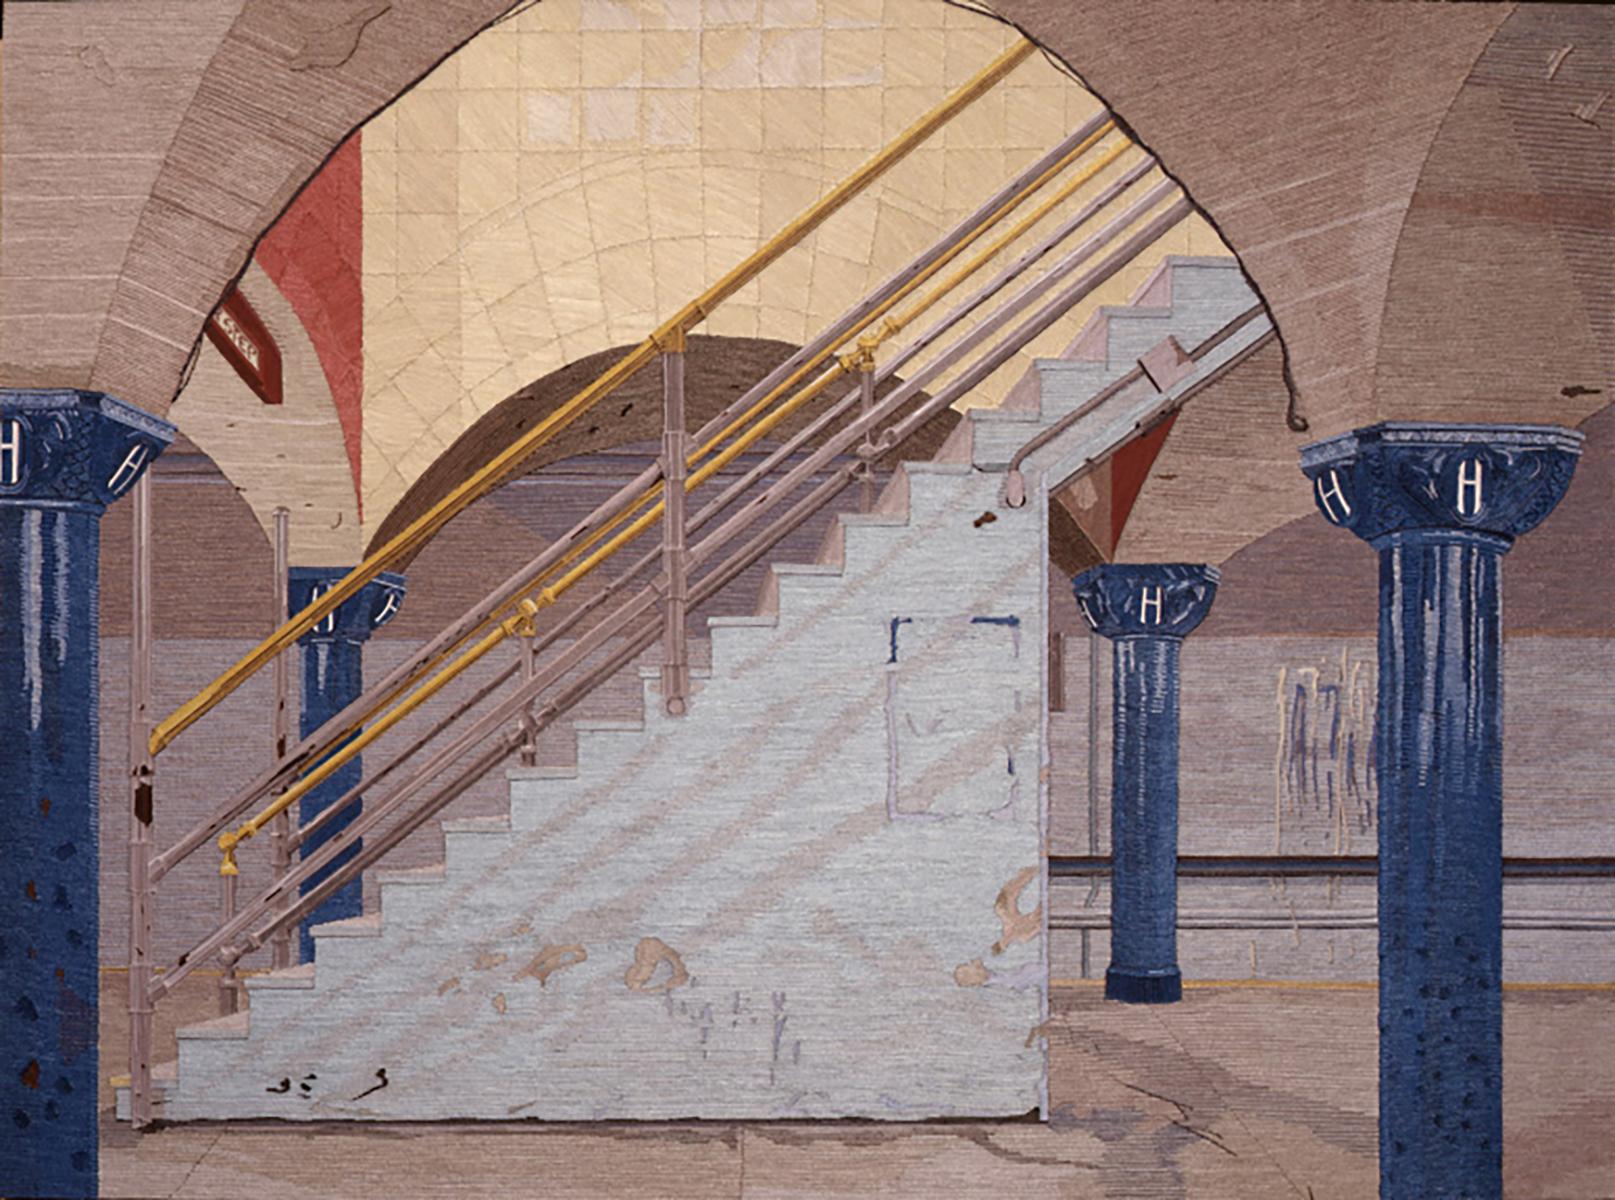 Hoboken Station 30 X 40  1988